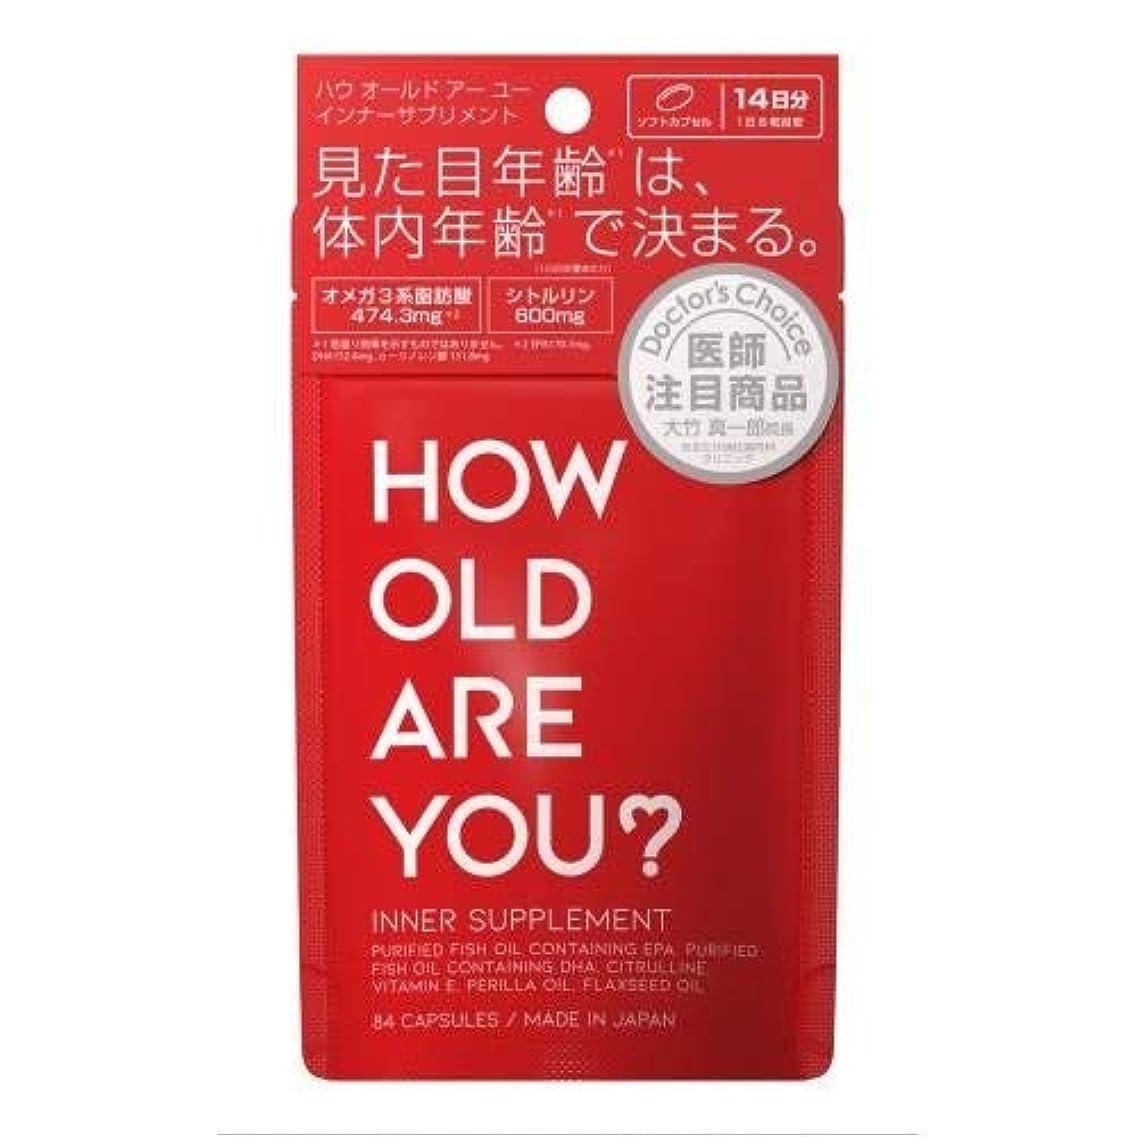 提唱する機関車残酷【2個セット】HOW OLD ARE YOU?インナーサプリメント 84粒